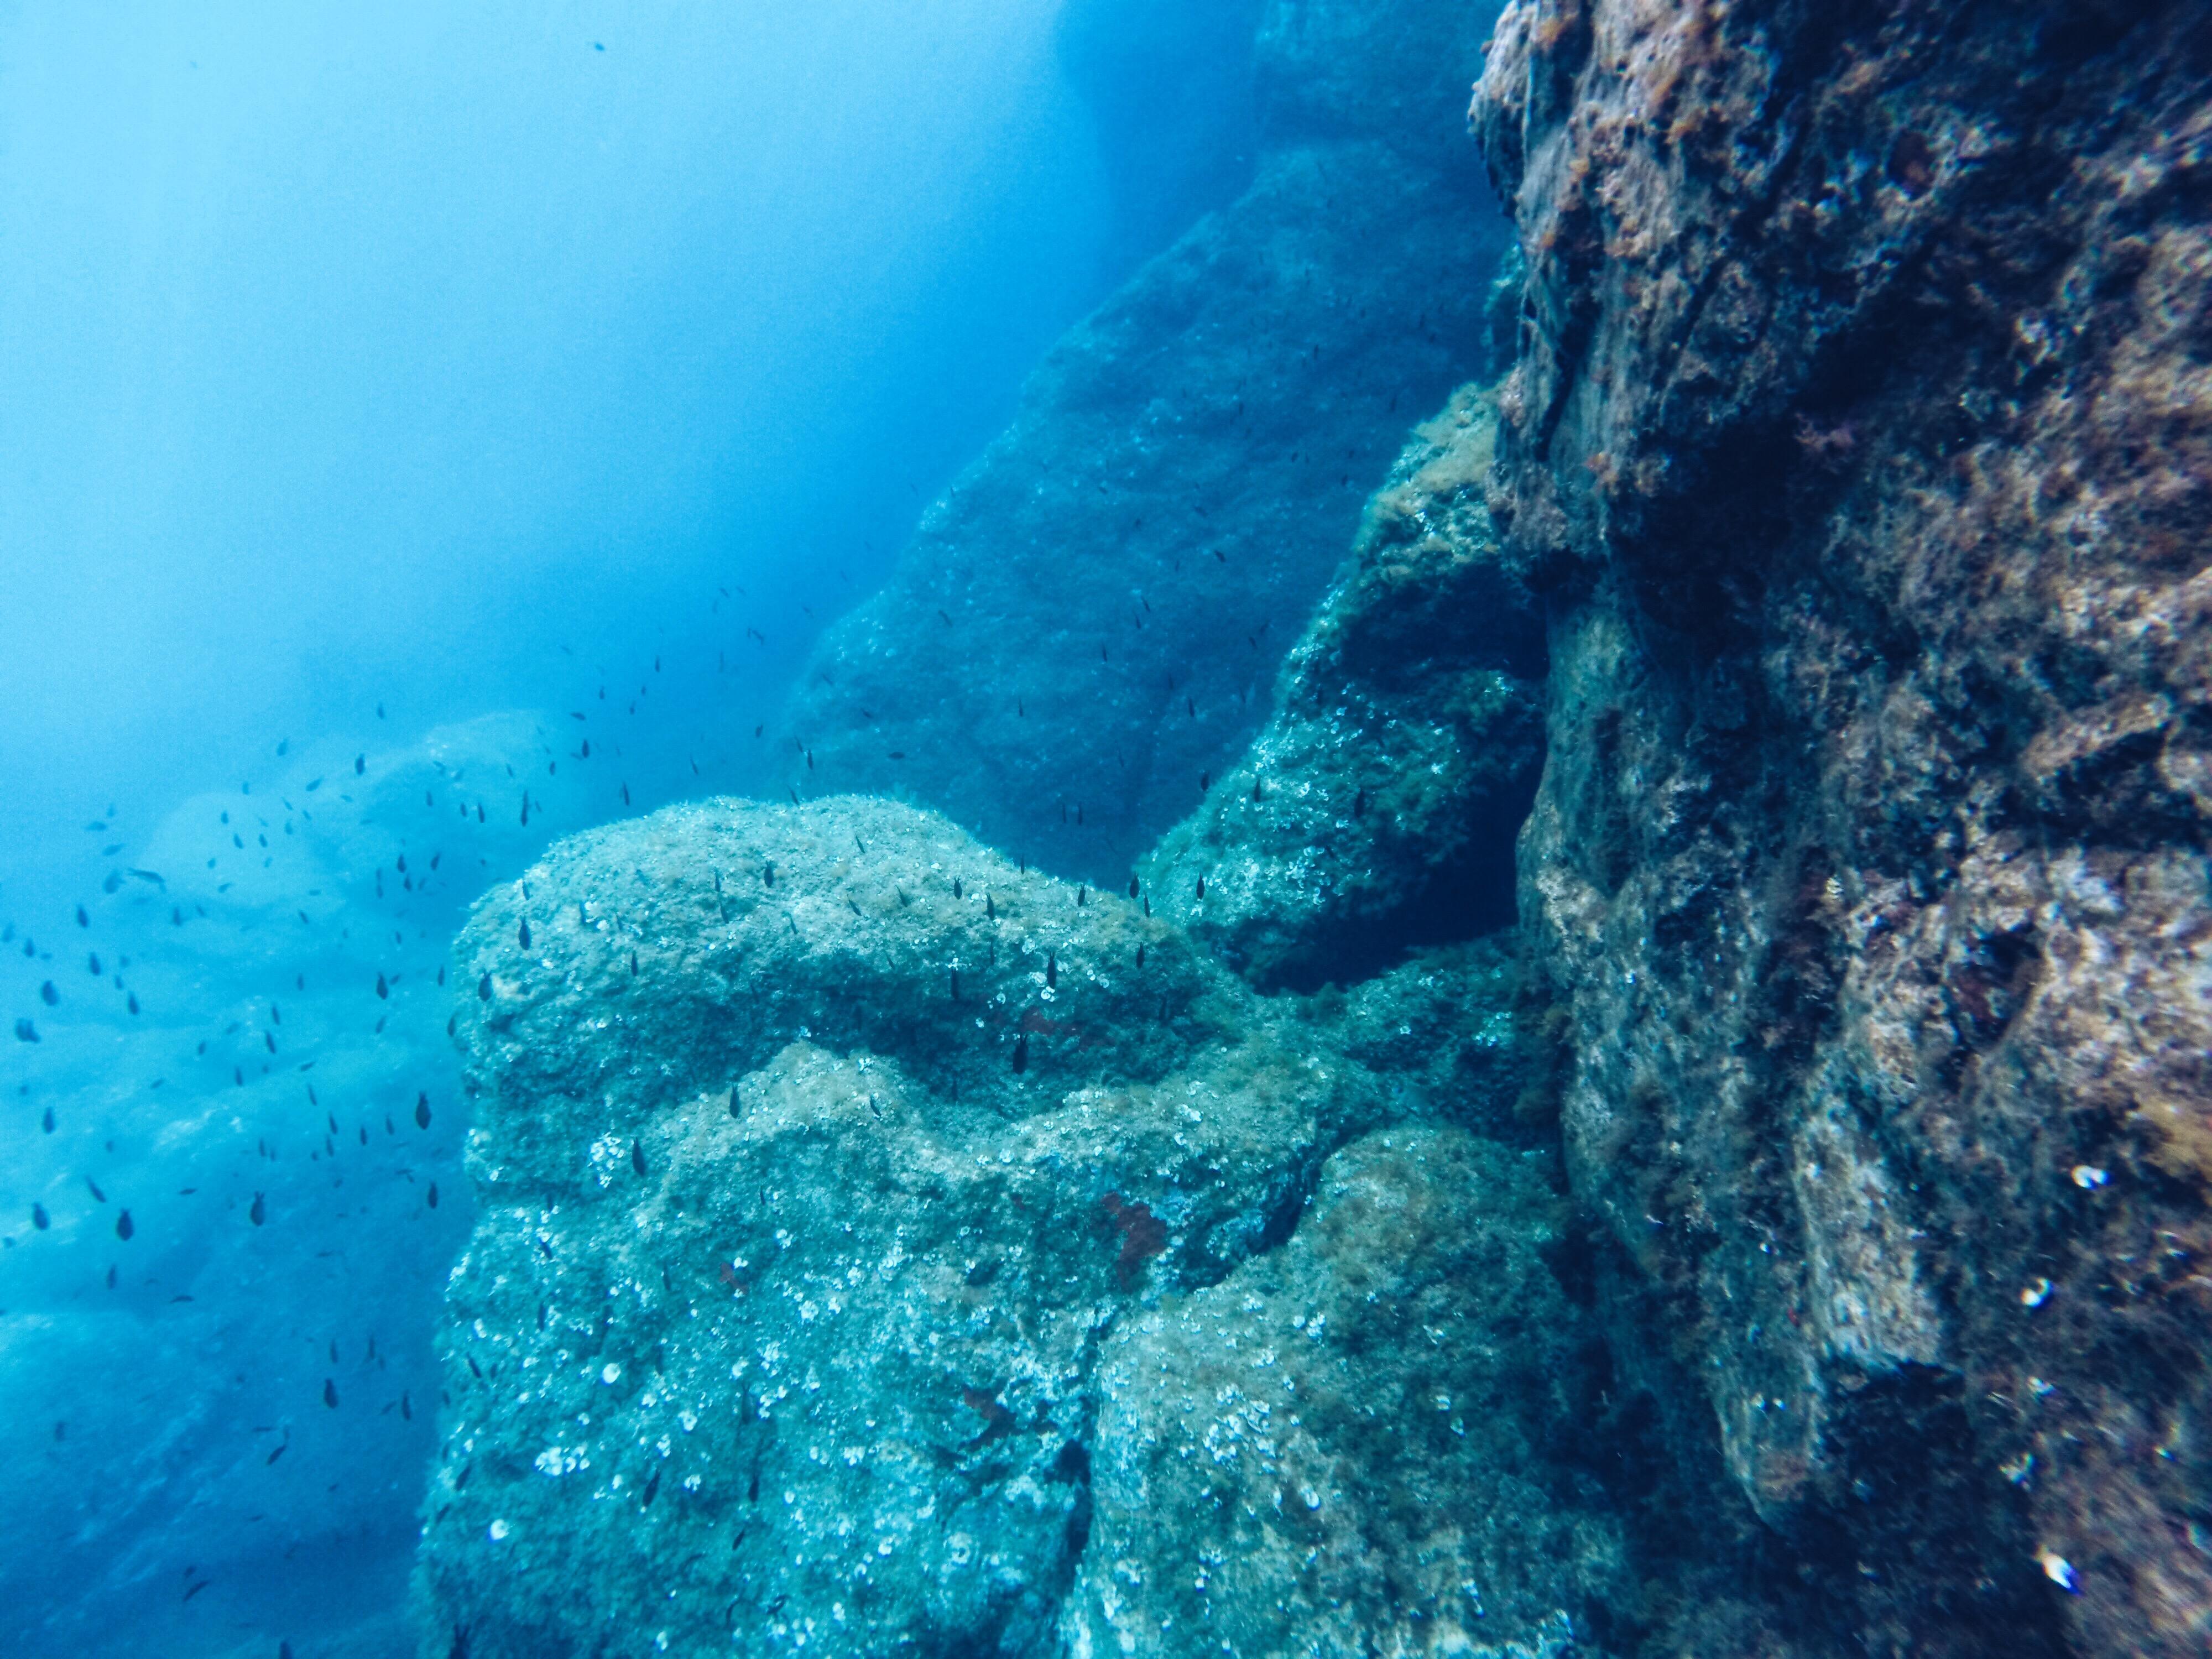 Balade sur l'eau et sous l'eau avec Dune La Londe